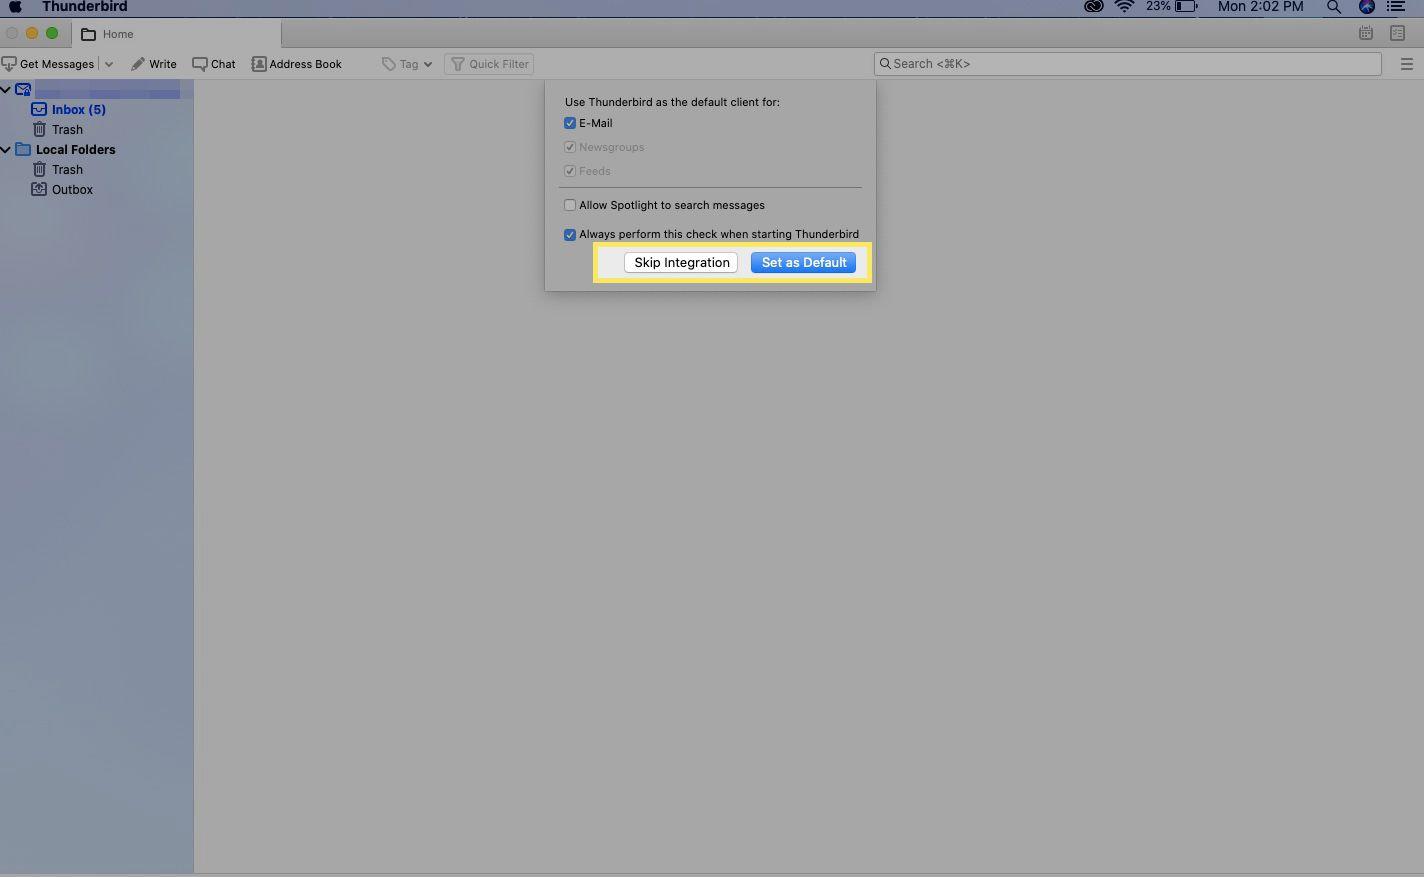 Select Set as Default or Skip Integration